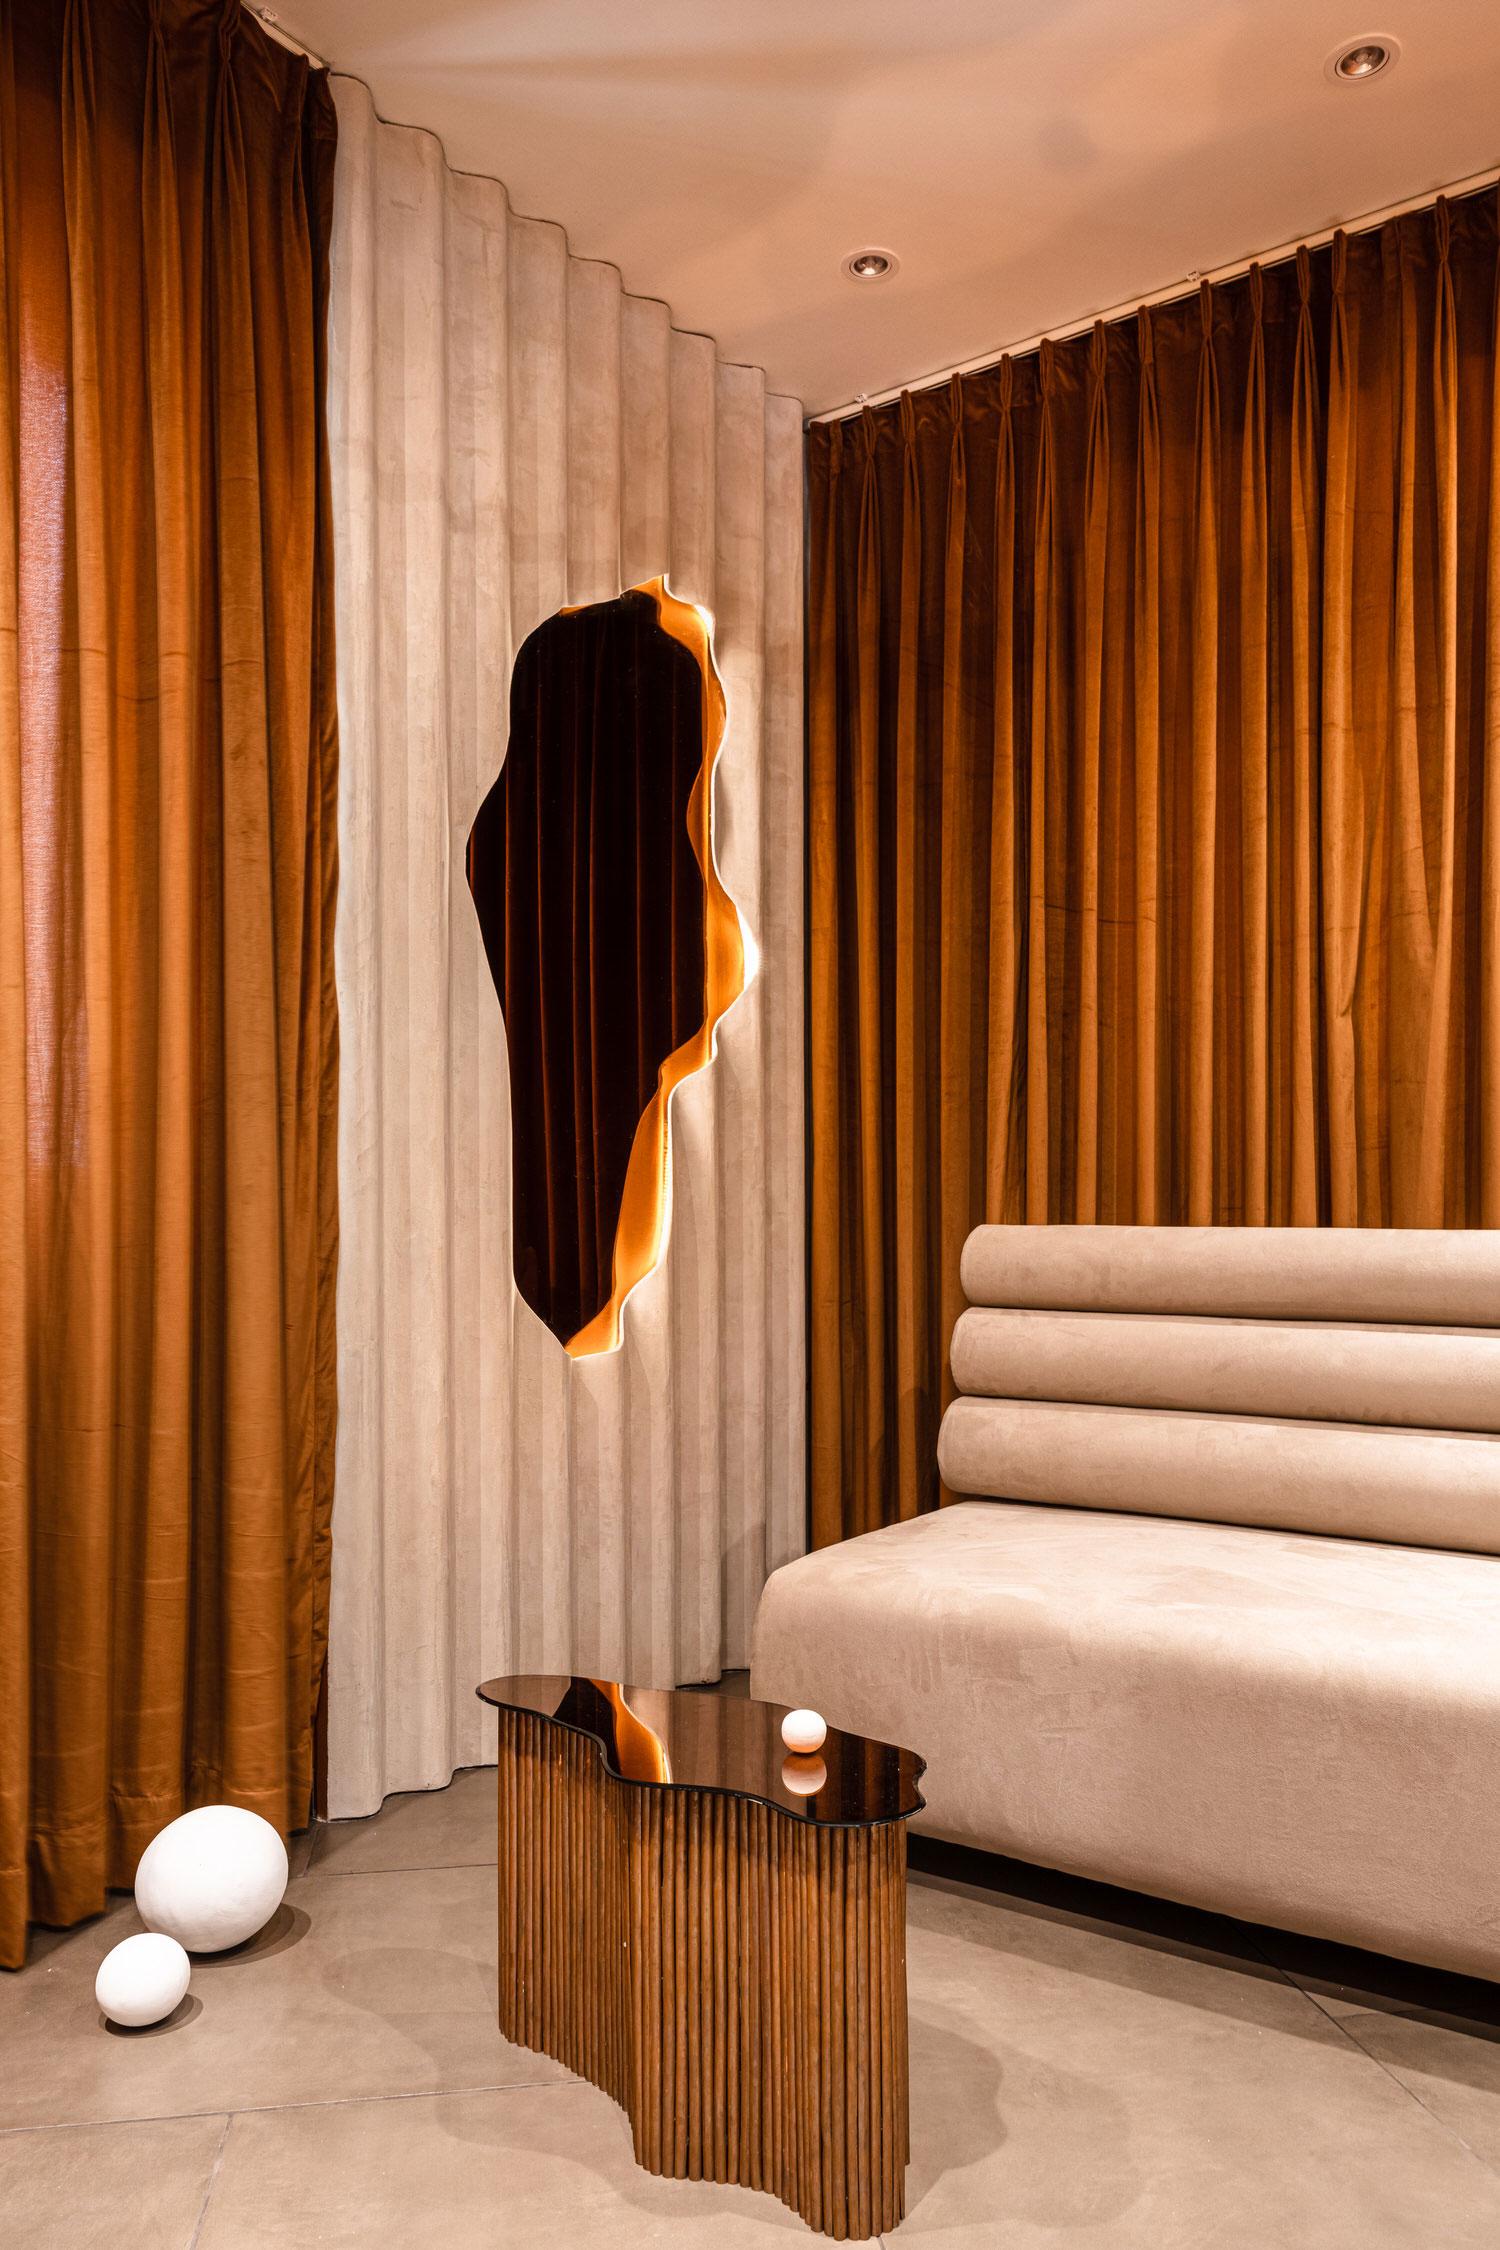 The Act Of Quad Mumbai Apartment Interior Design Yellowtrace 15